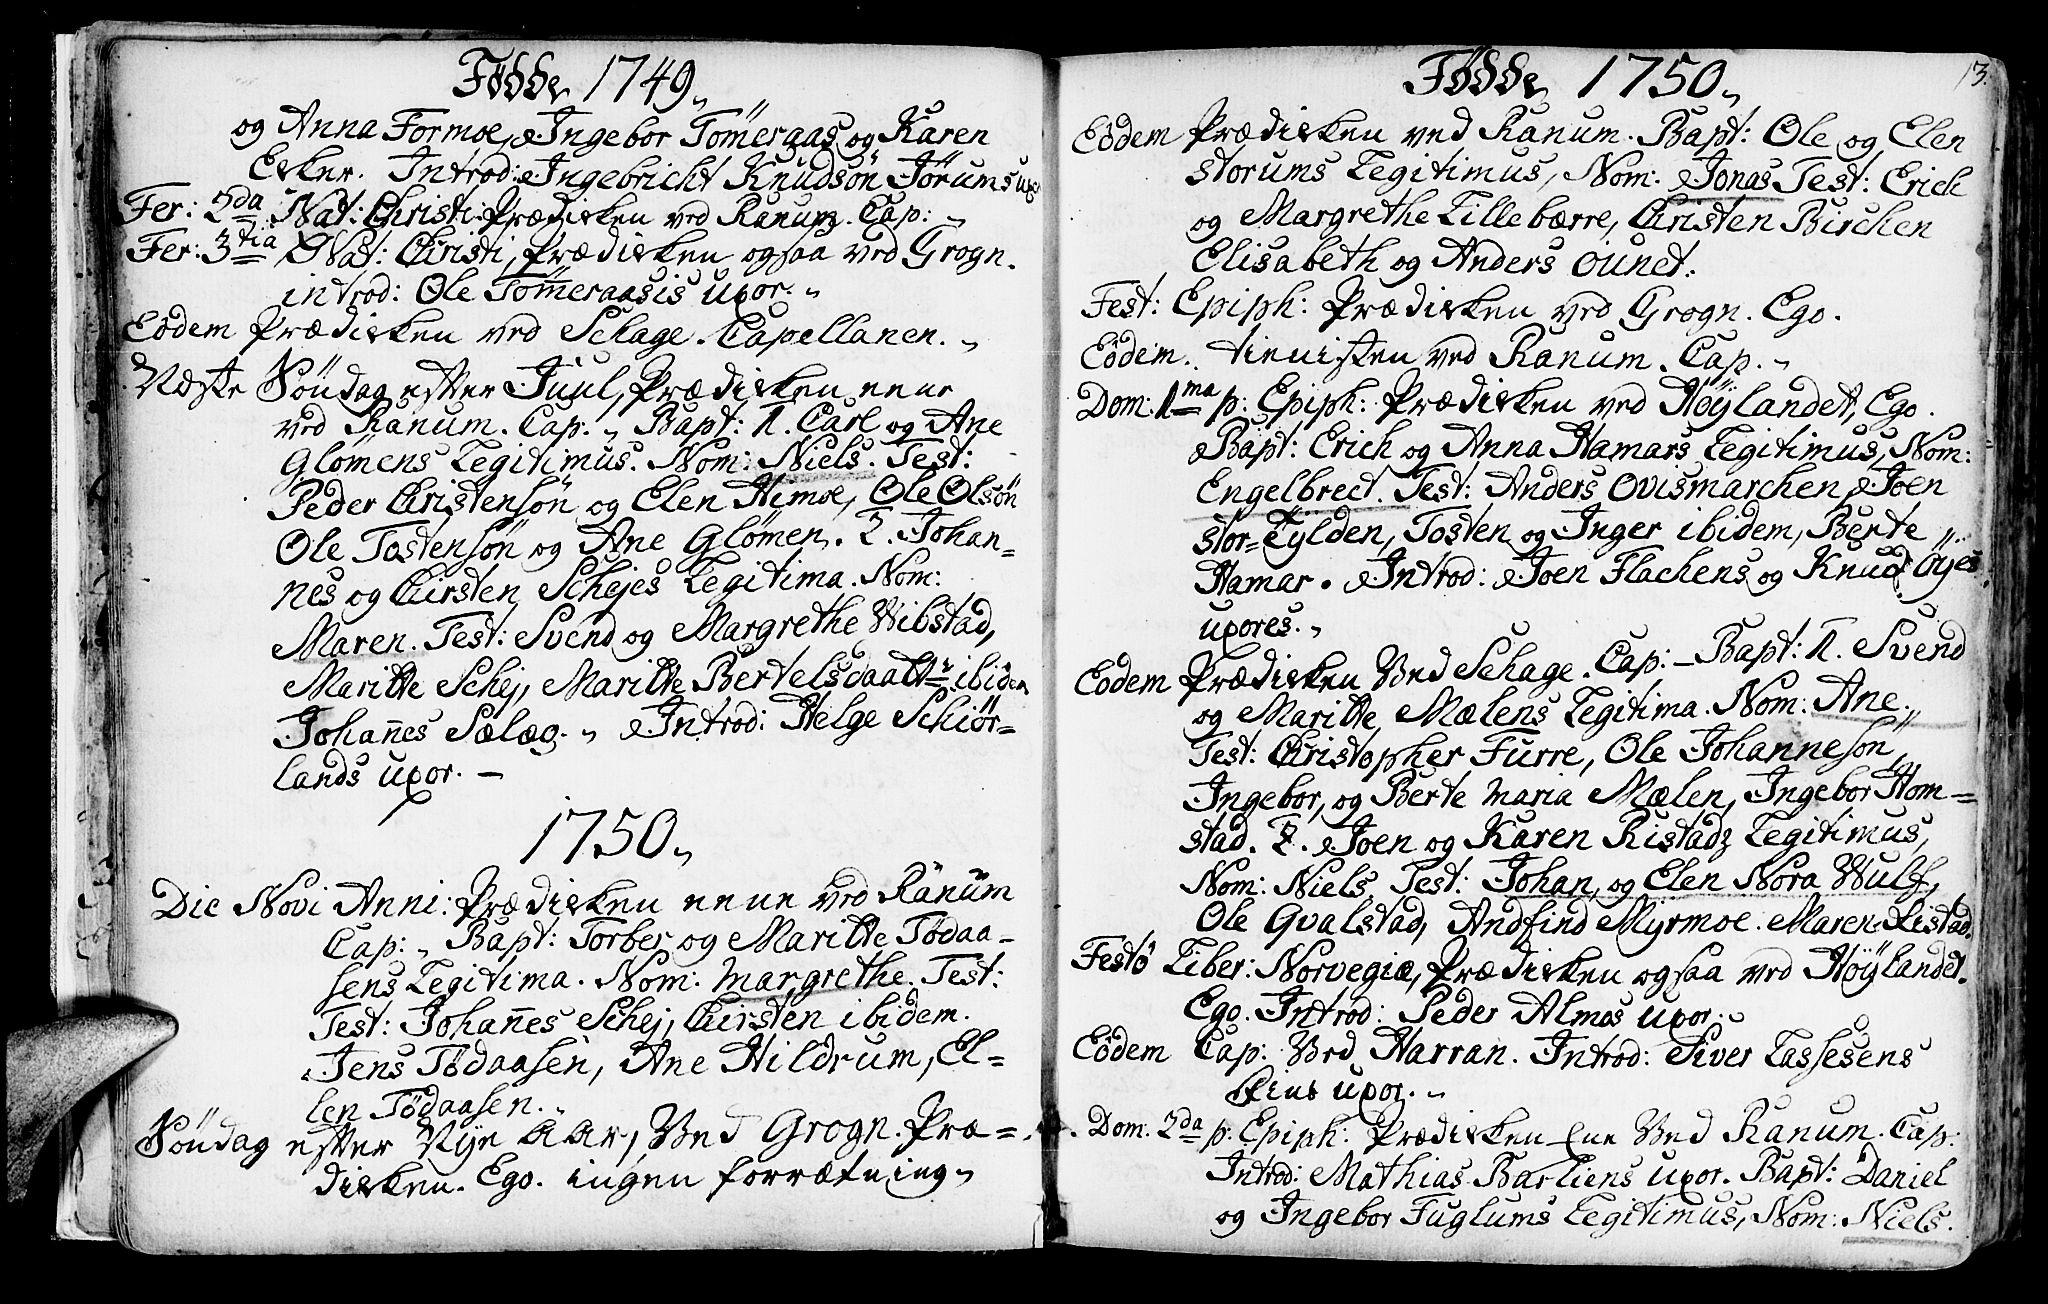 SAT, Ministerialprotokoller, klokkerbøker og fødselsregistre - Nord-Trøndelag, 764/L0542: Ministerialbok nr. 764A02, 1748-1779, s. 13